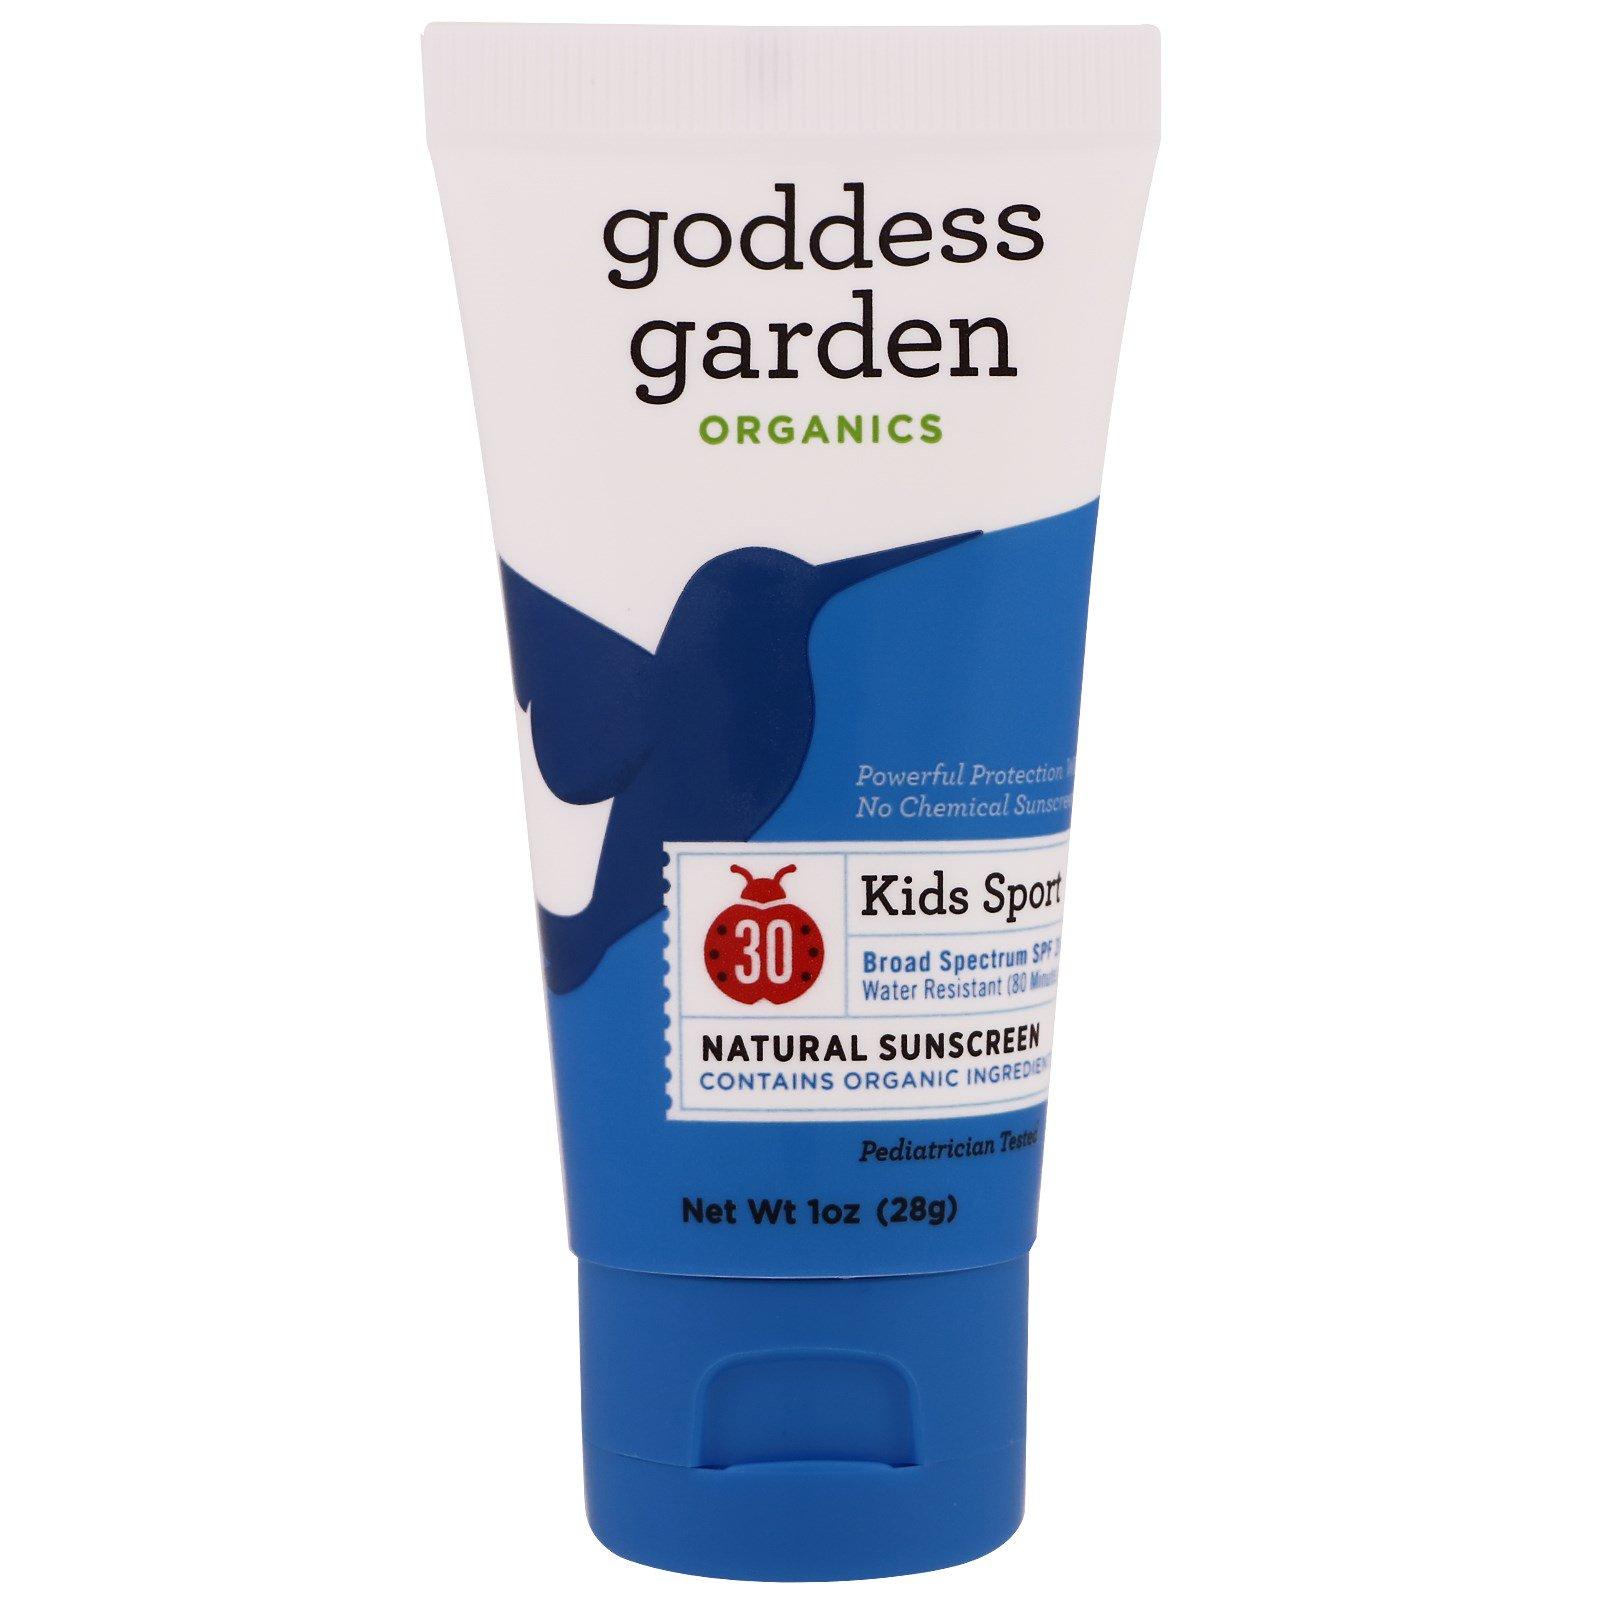 Goddess Garden, Organics, спорт для детей, природный солнцезащитный крем, фактор защиты SPF 30, 1 унция (28 г)